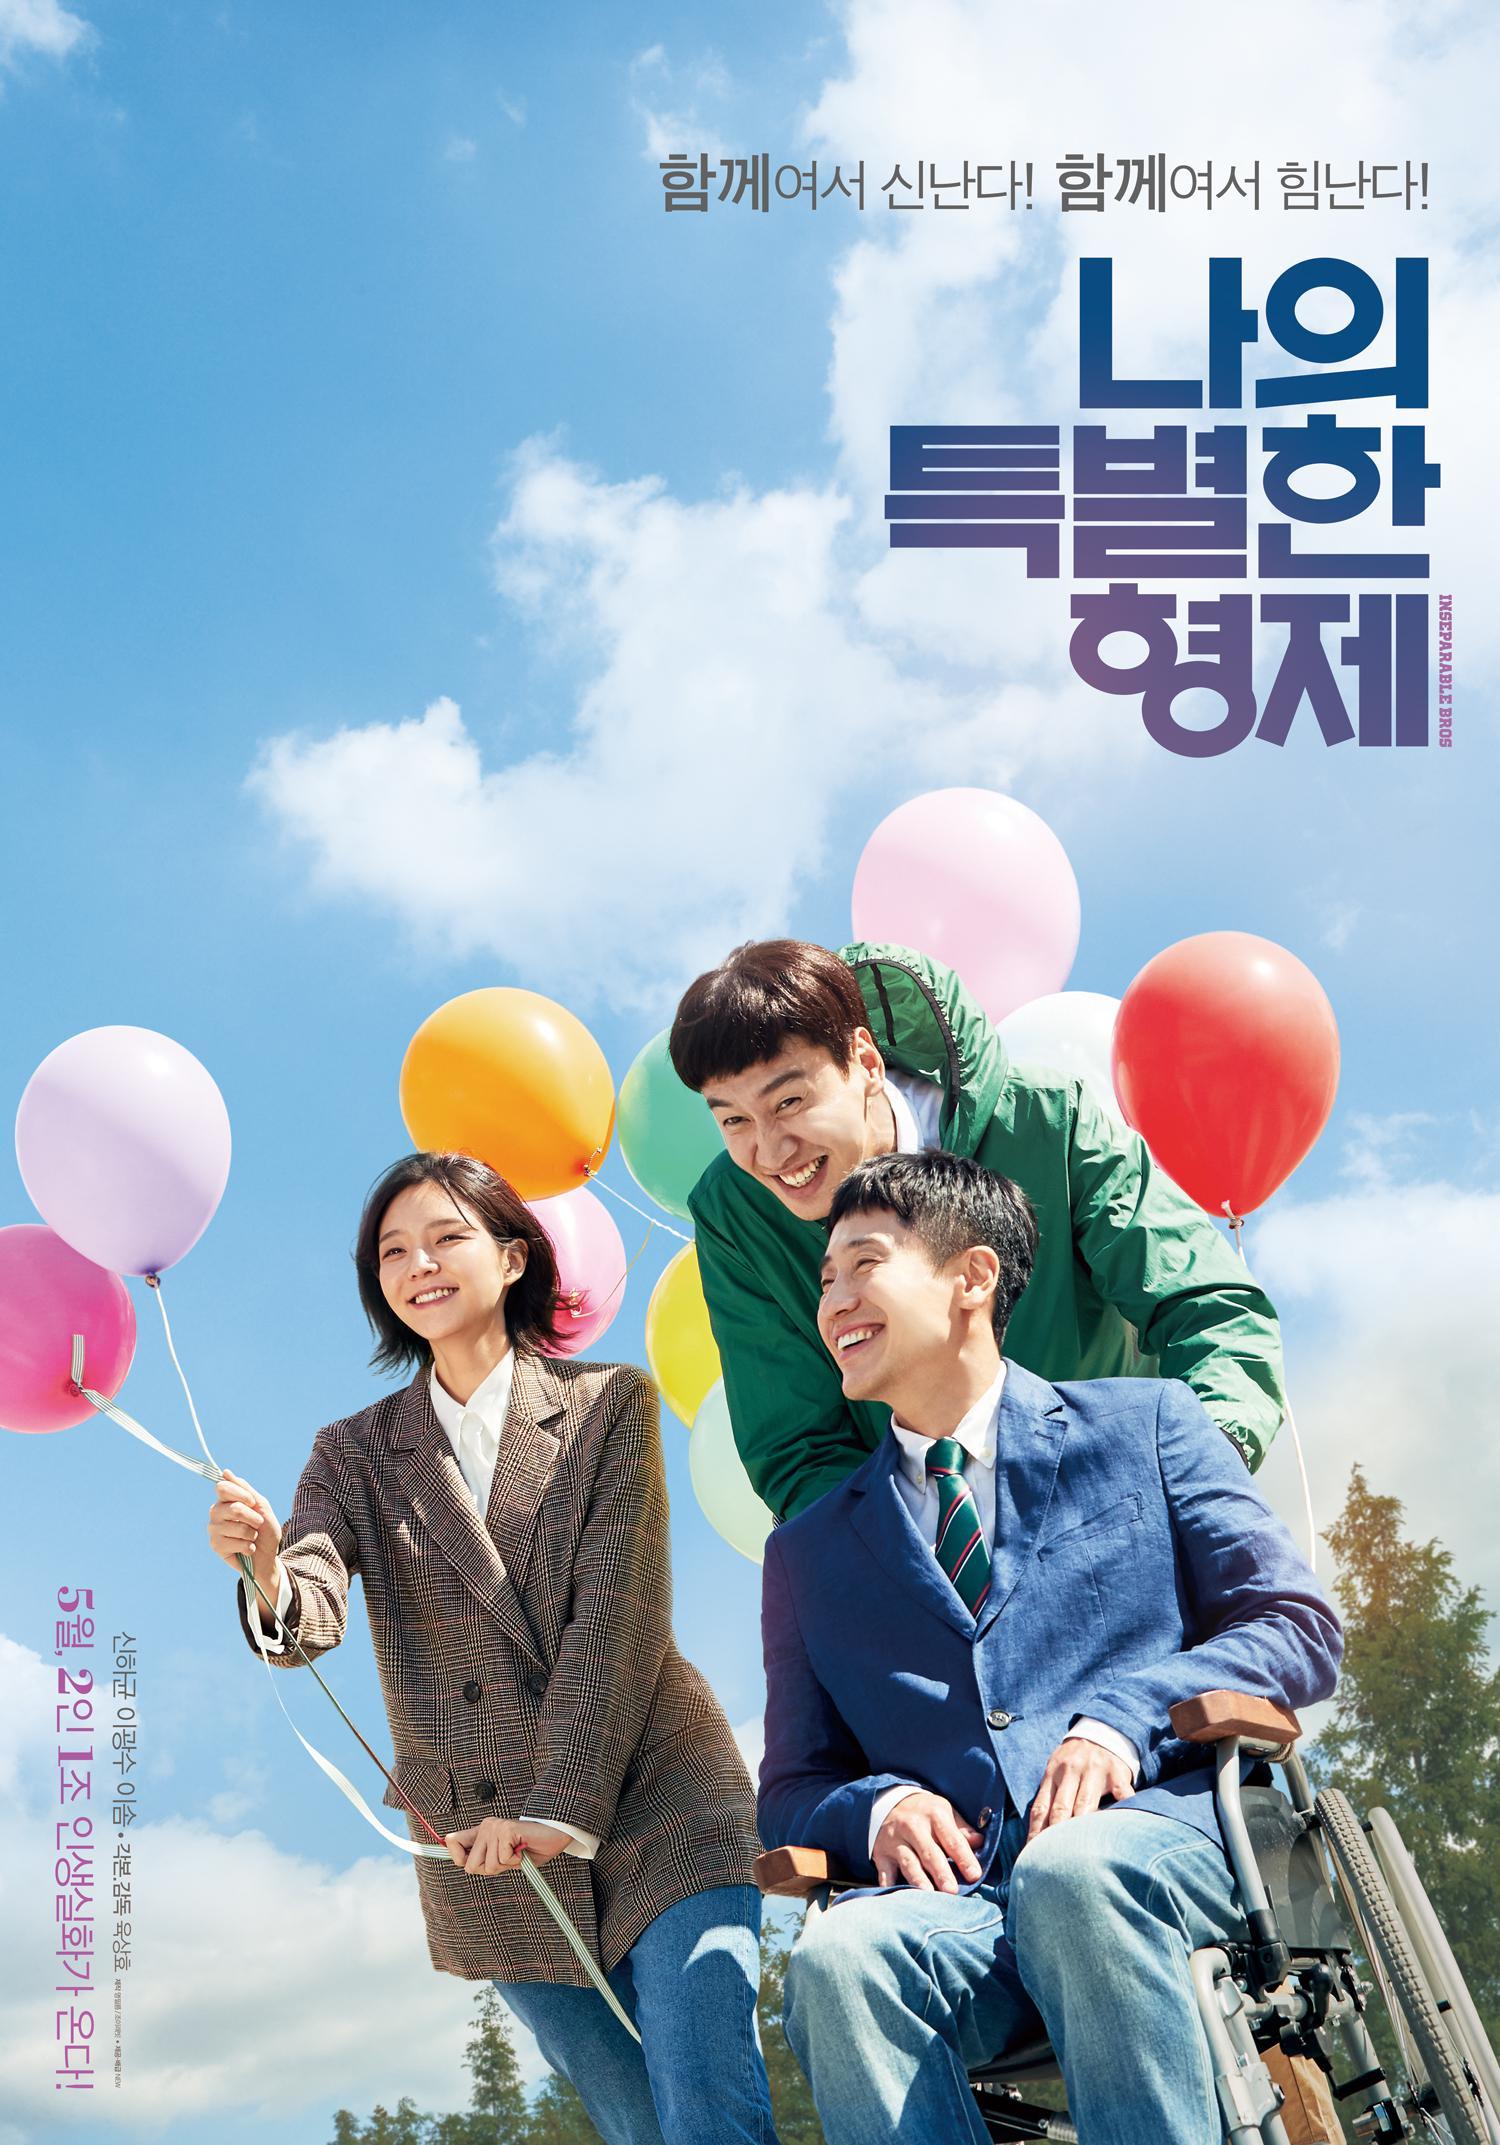 韩影票房:《复联4》霸榜无敌 李光洙新片紧跟